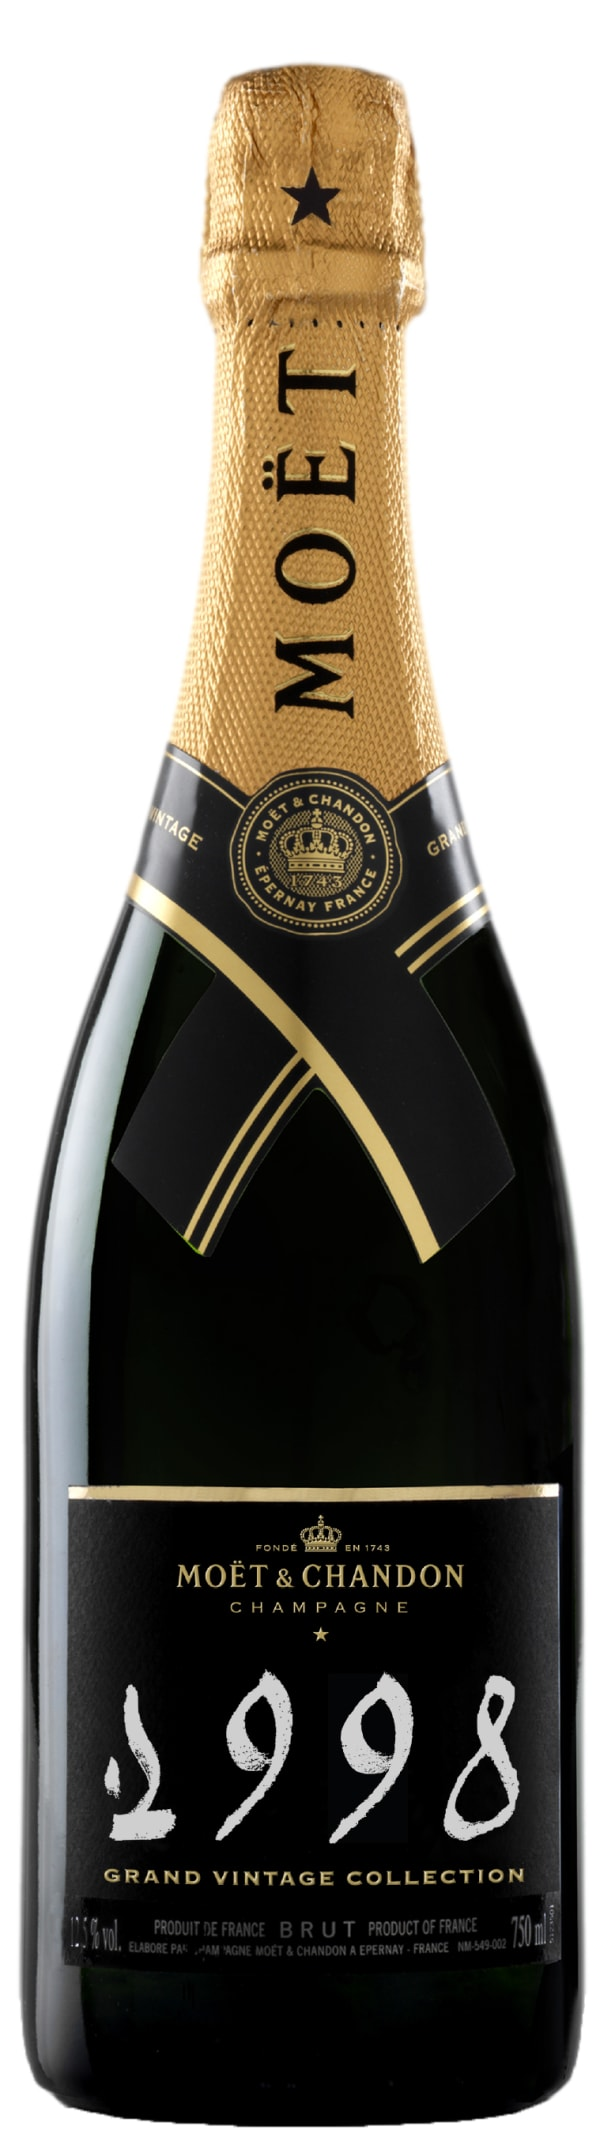 Moët & Chandon Grand Vintage Collection Champagne Brut 1998